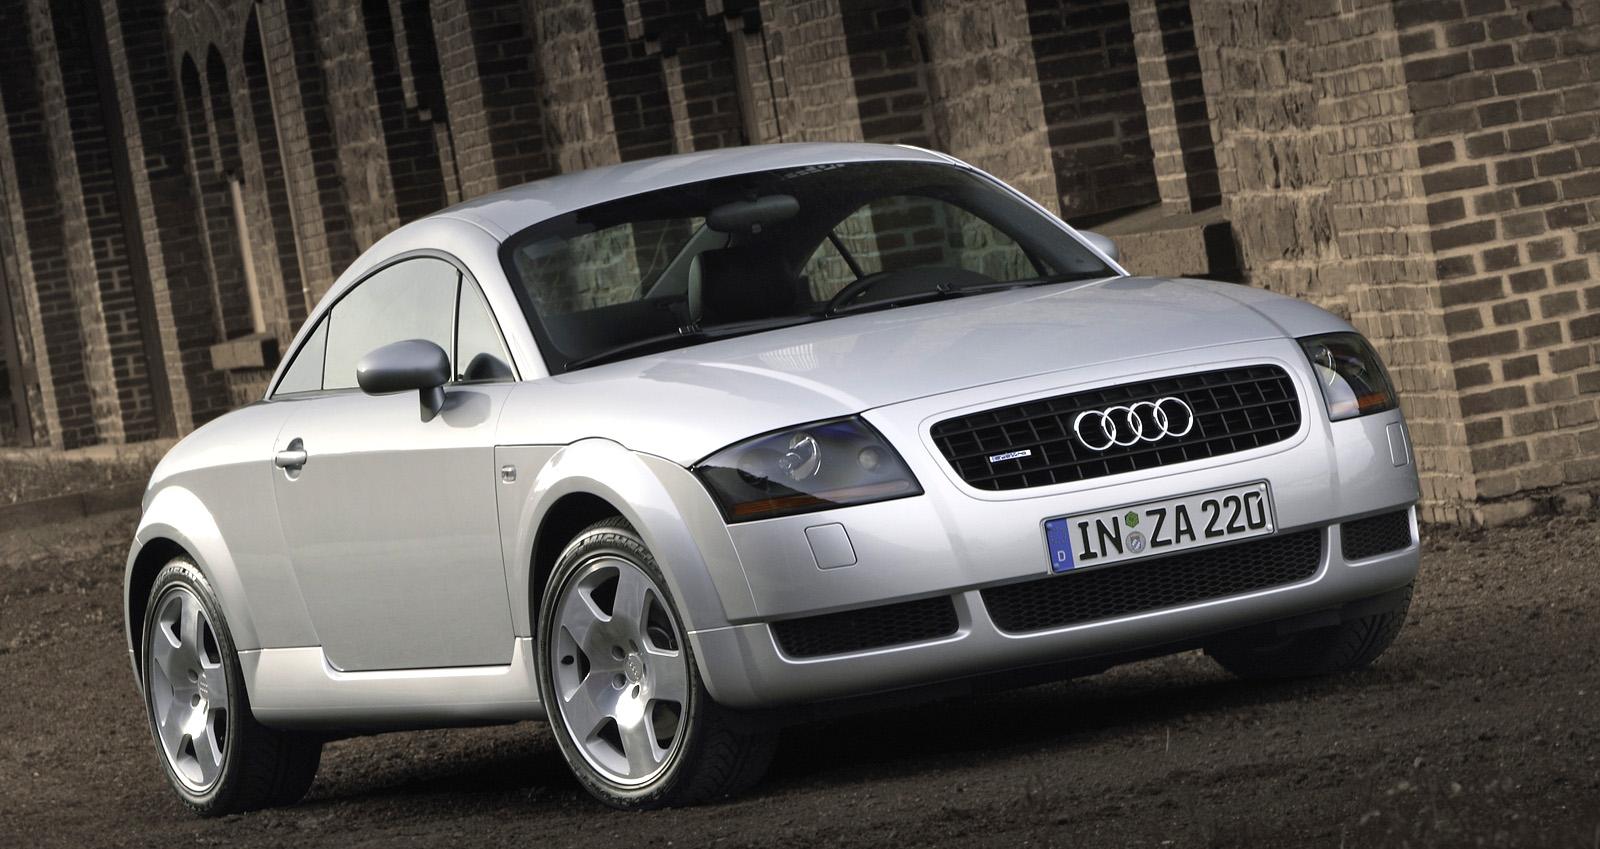 coches-potentes-por-menos-de-5000-euros-10